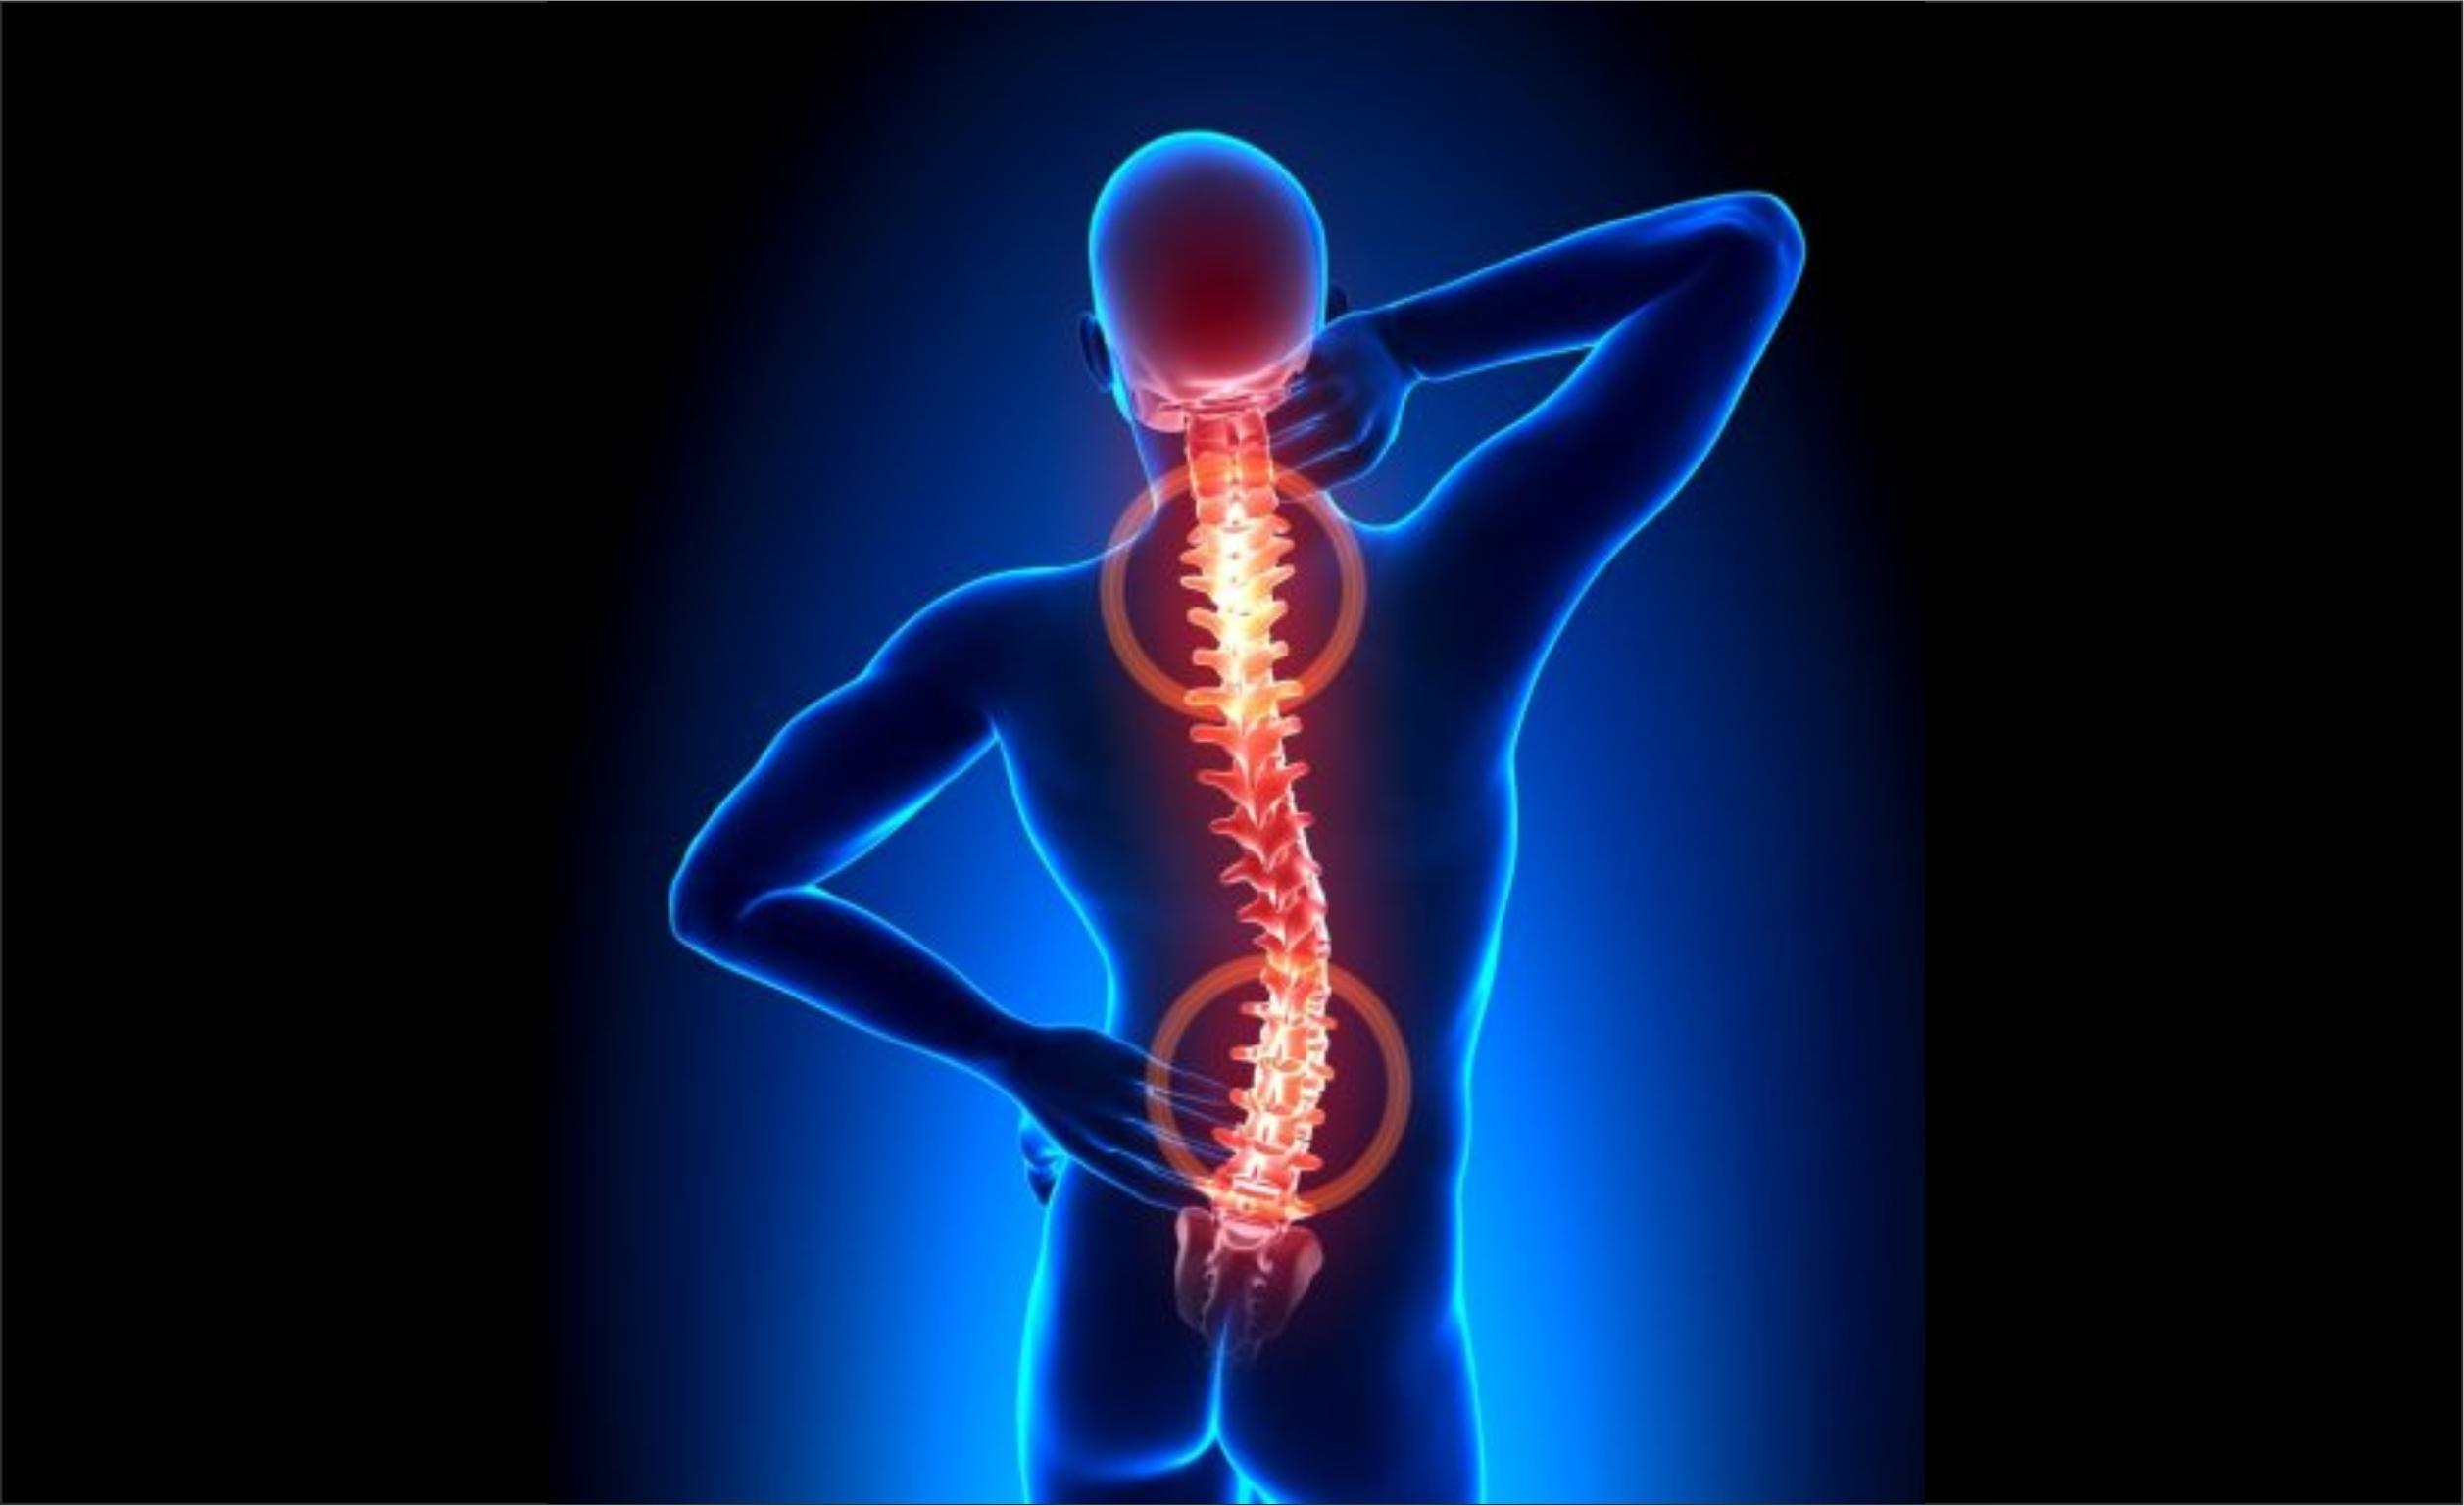 skausmai kaulų ir sąnarių liaudies gynimo osteochondrozė iš peties sąnario tabletės